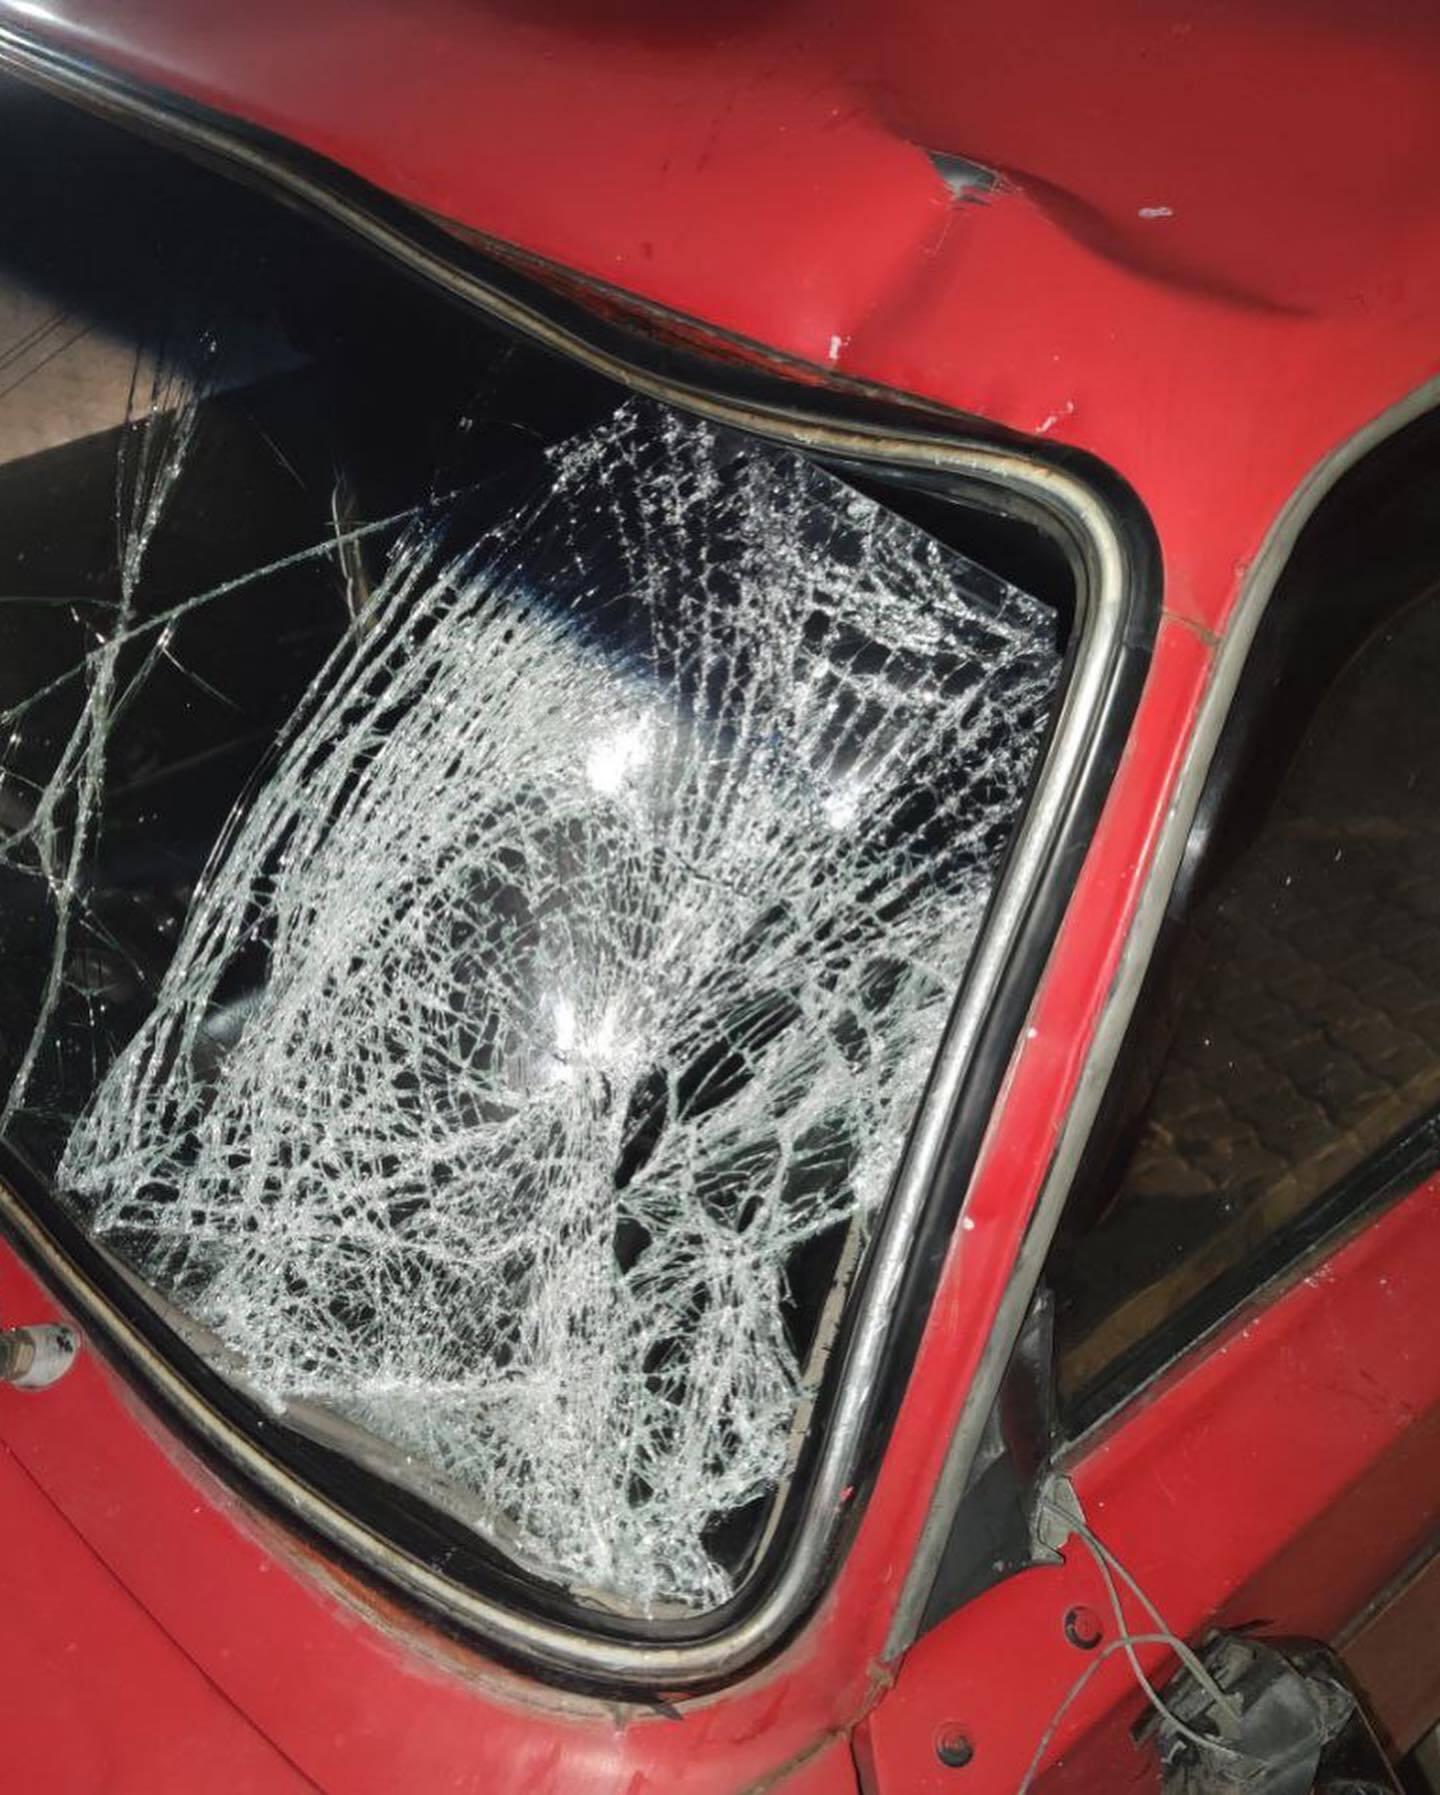 Машина після того, як збила мотоцикліста